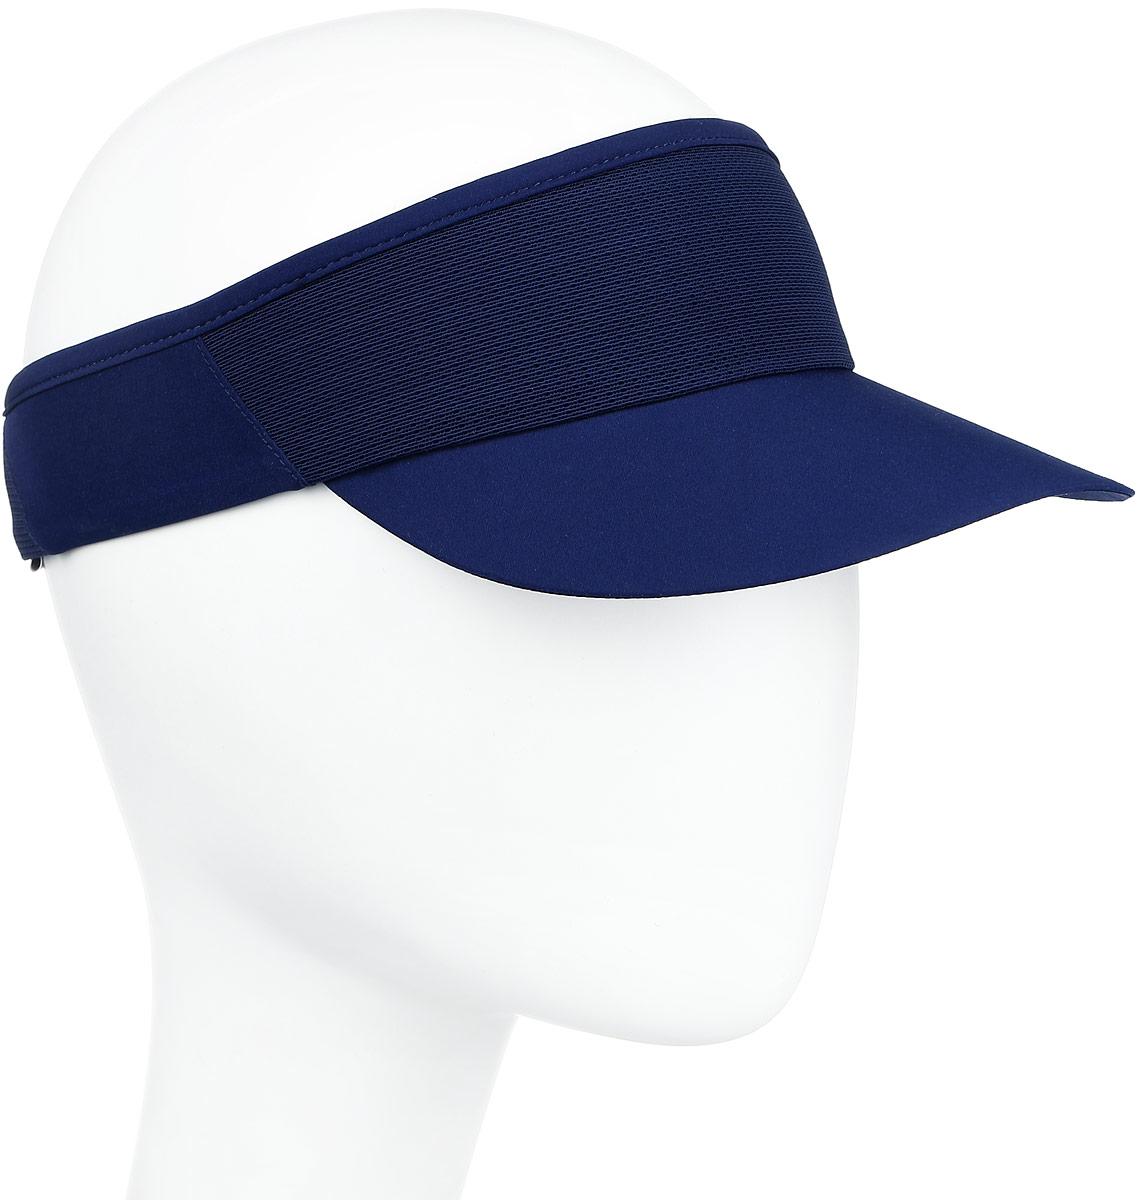 132060-0001Козырек Asics Performance Visor, выполненный из 100% полиэстера, защитит ваши глаза от солнца. Легкий козырек дополнен сетчатыми вставками, обеспечивающими необходимую вентиляцию. Модель дополнена светоотражающим принтом с логотипом бренда. Уважаемые клиенты! Размер, доступный для заказа, является обхватом головы.